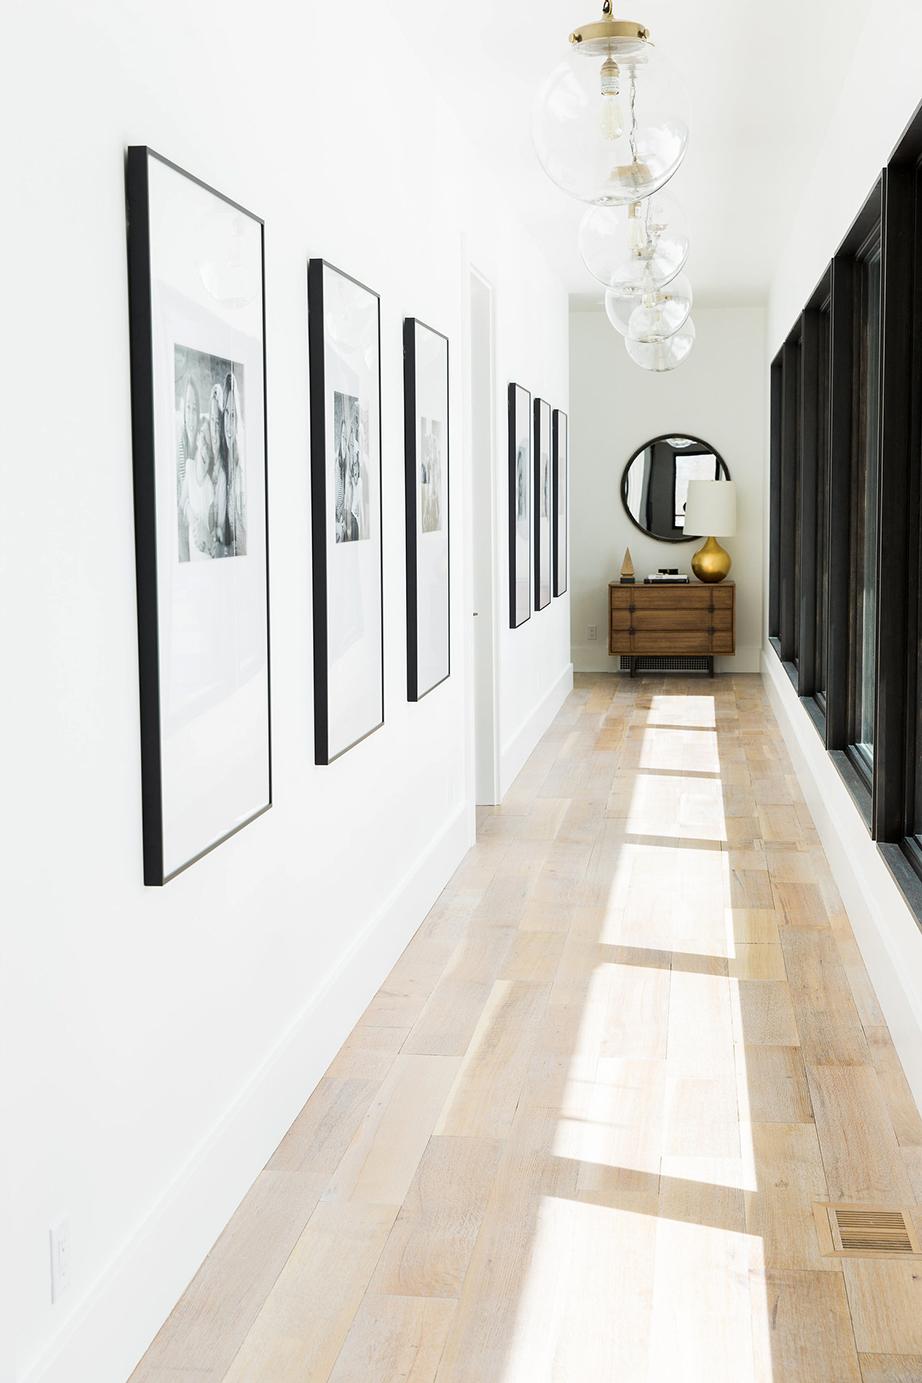 Αποφεύγετε τους «ατελείωτους» διαδρόμους ανάμεσα στα δωμάτια του σπιτιού.